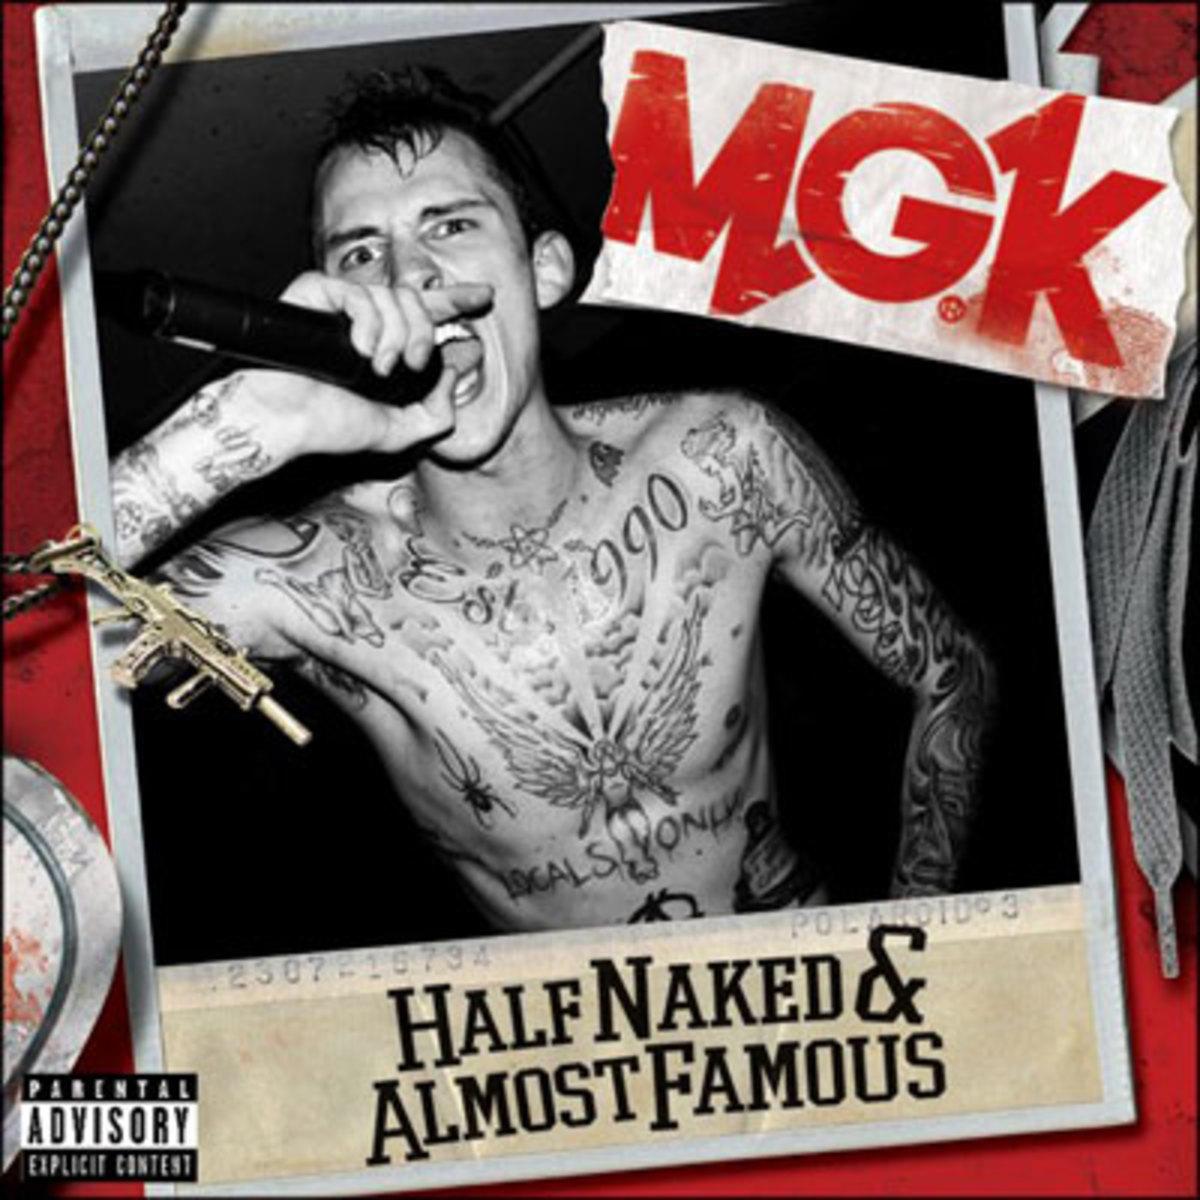 mgk-inked.jpg